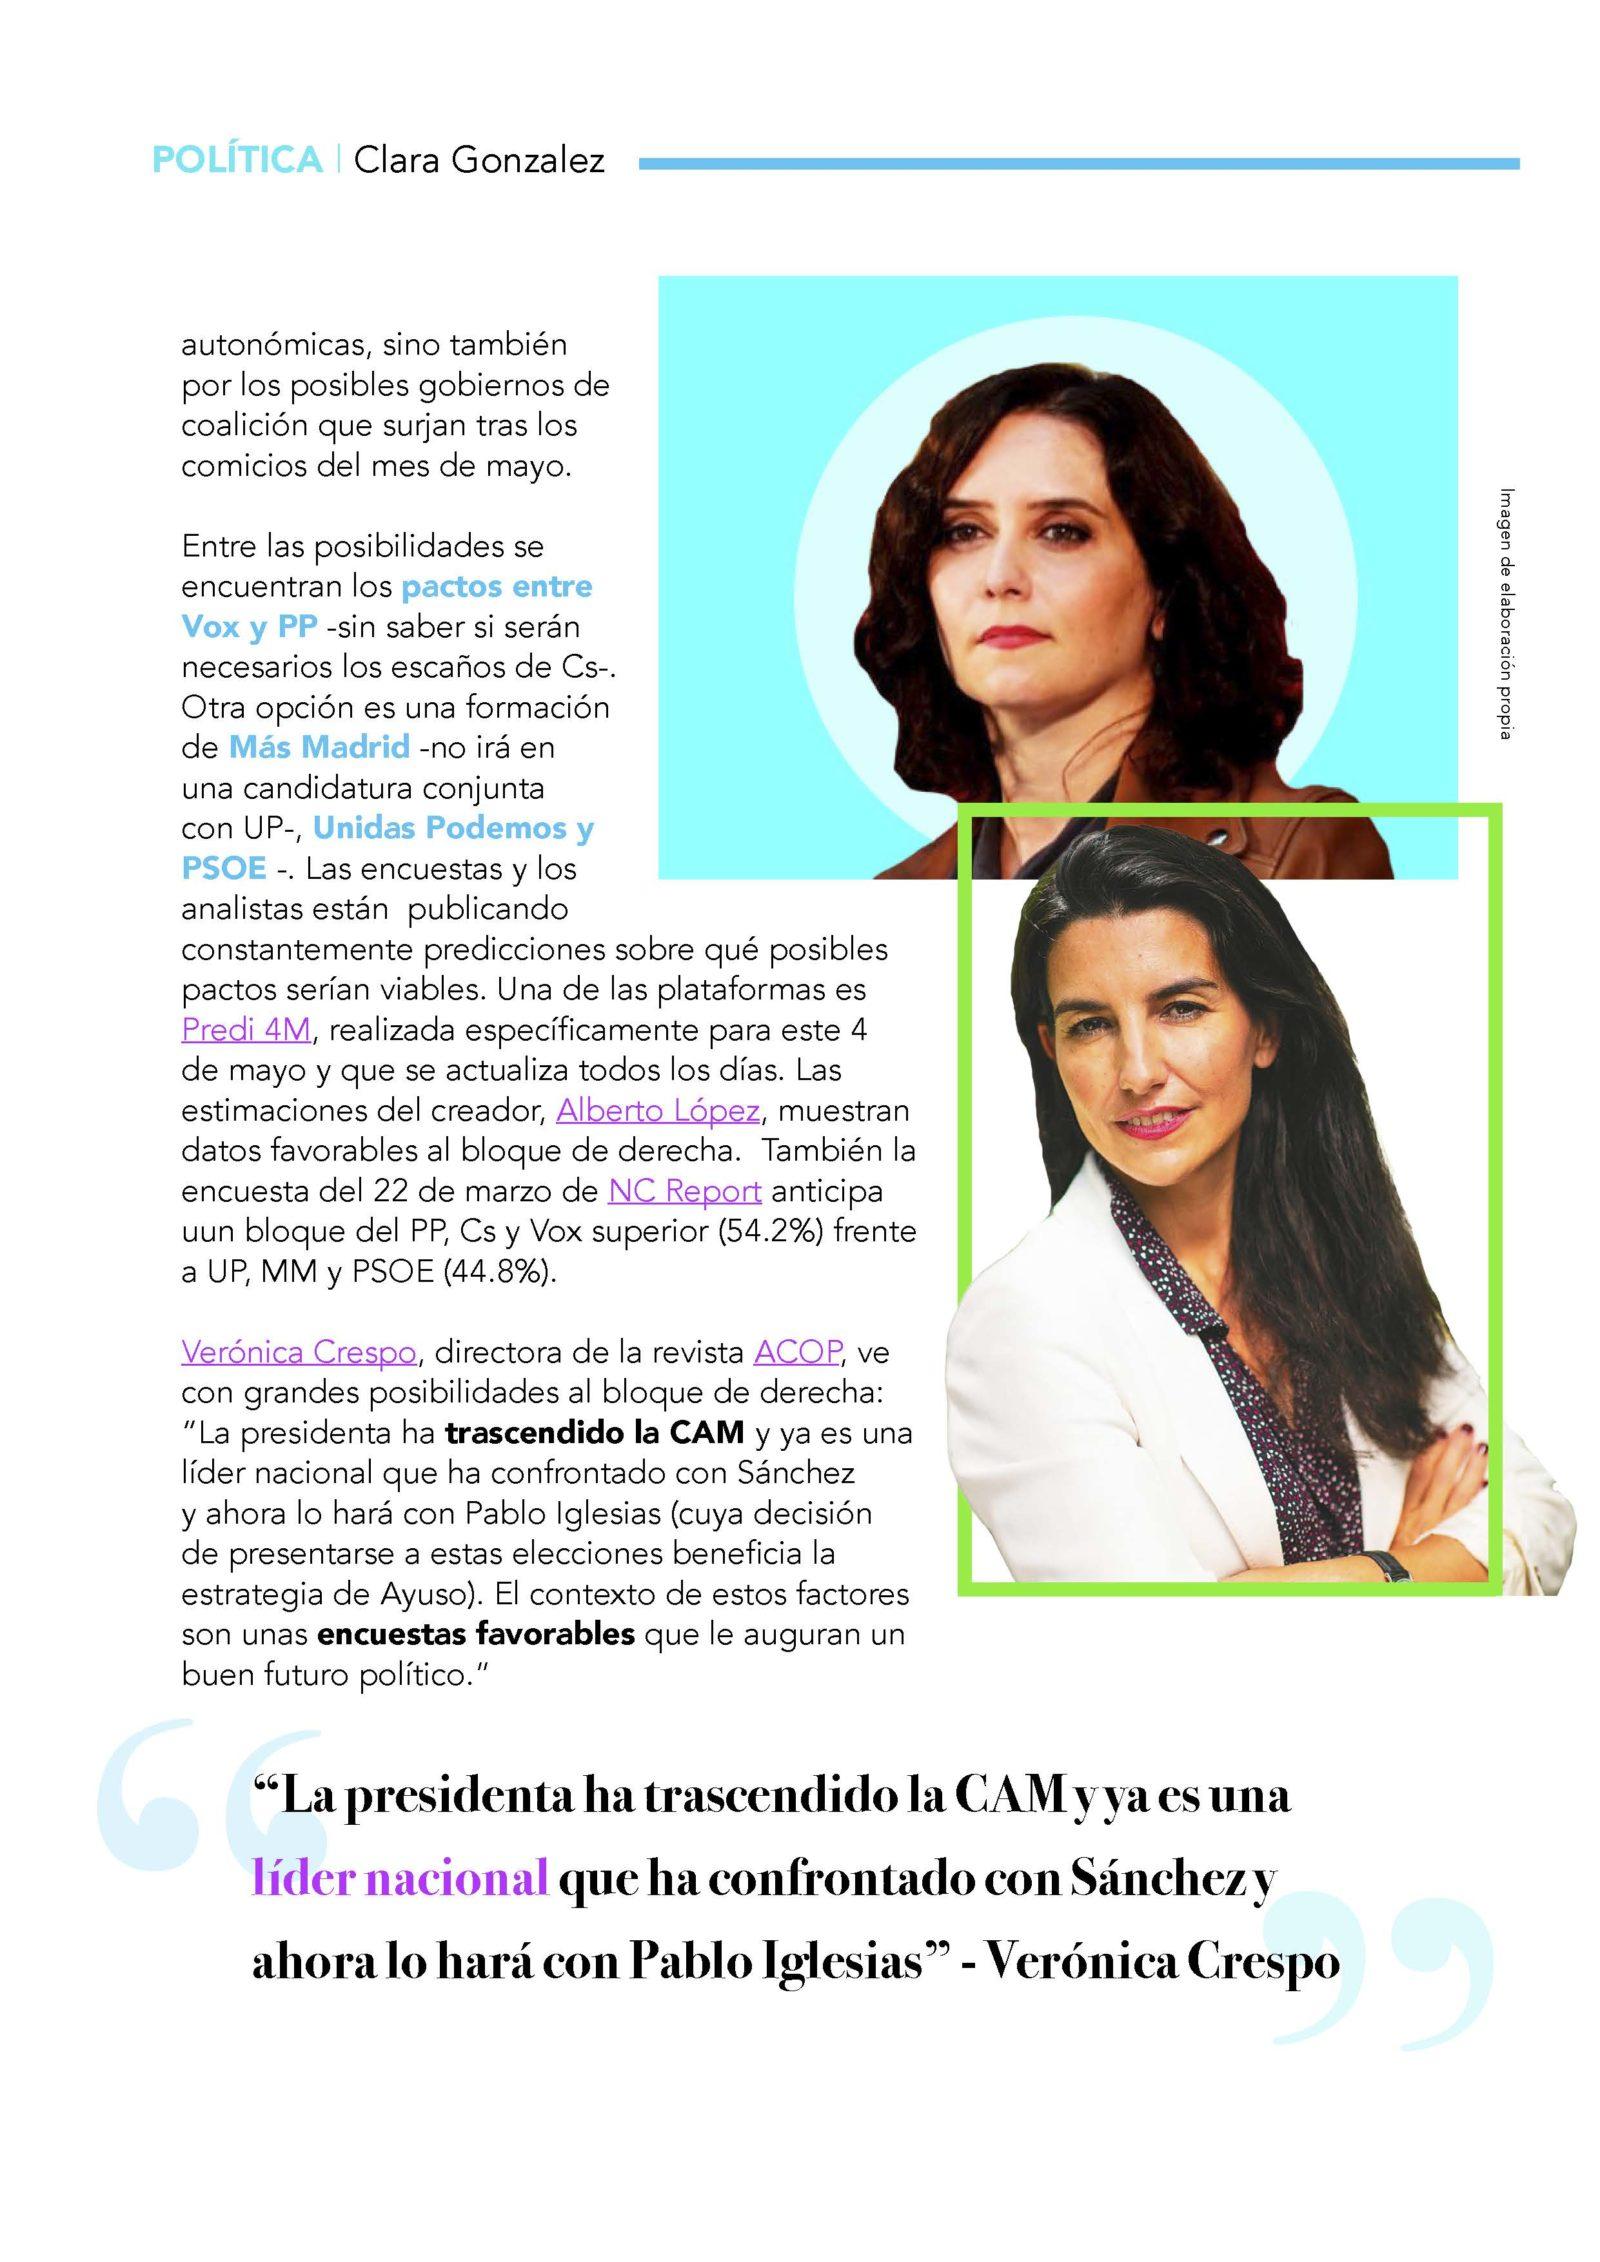 Verónica Crespo en Revista FEMME